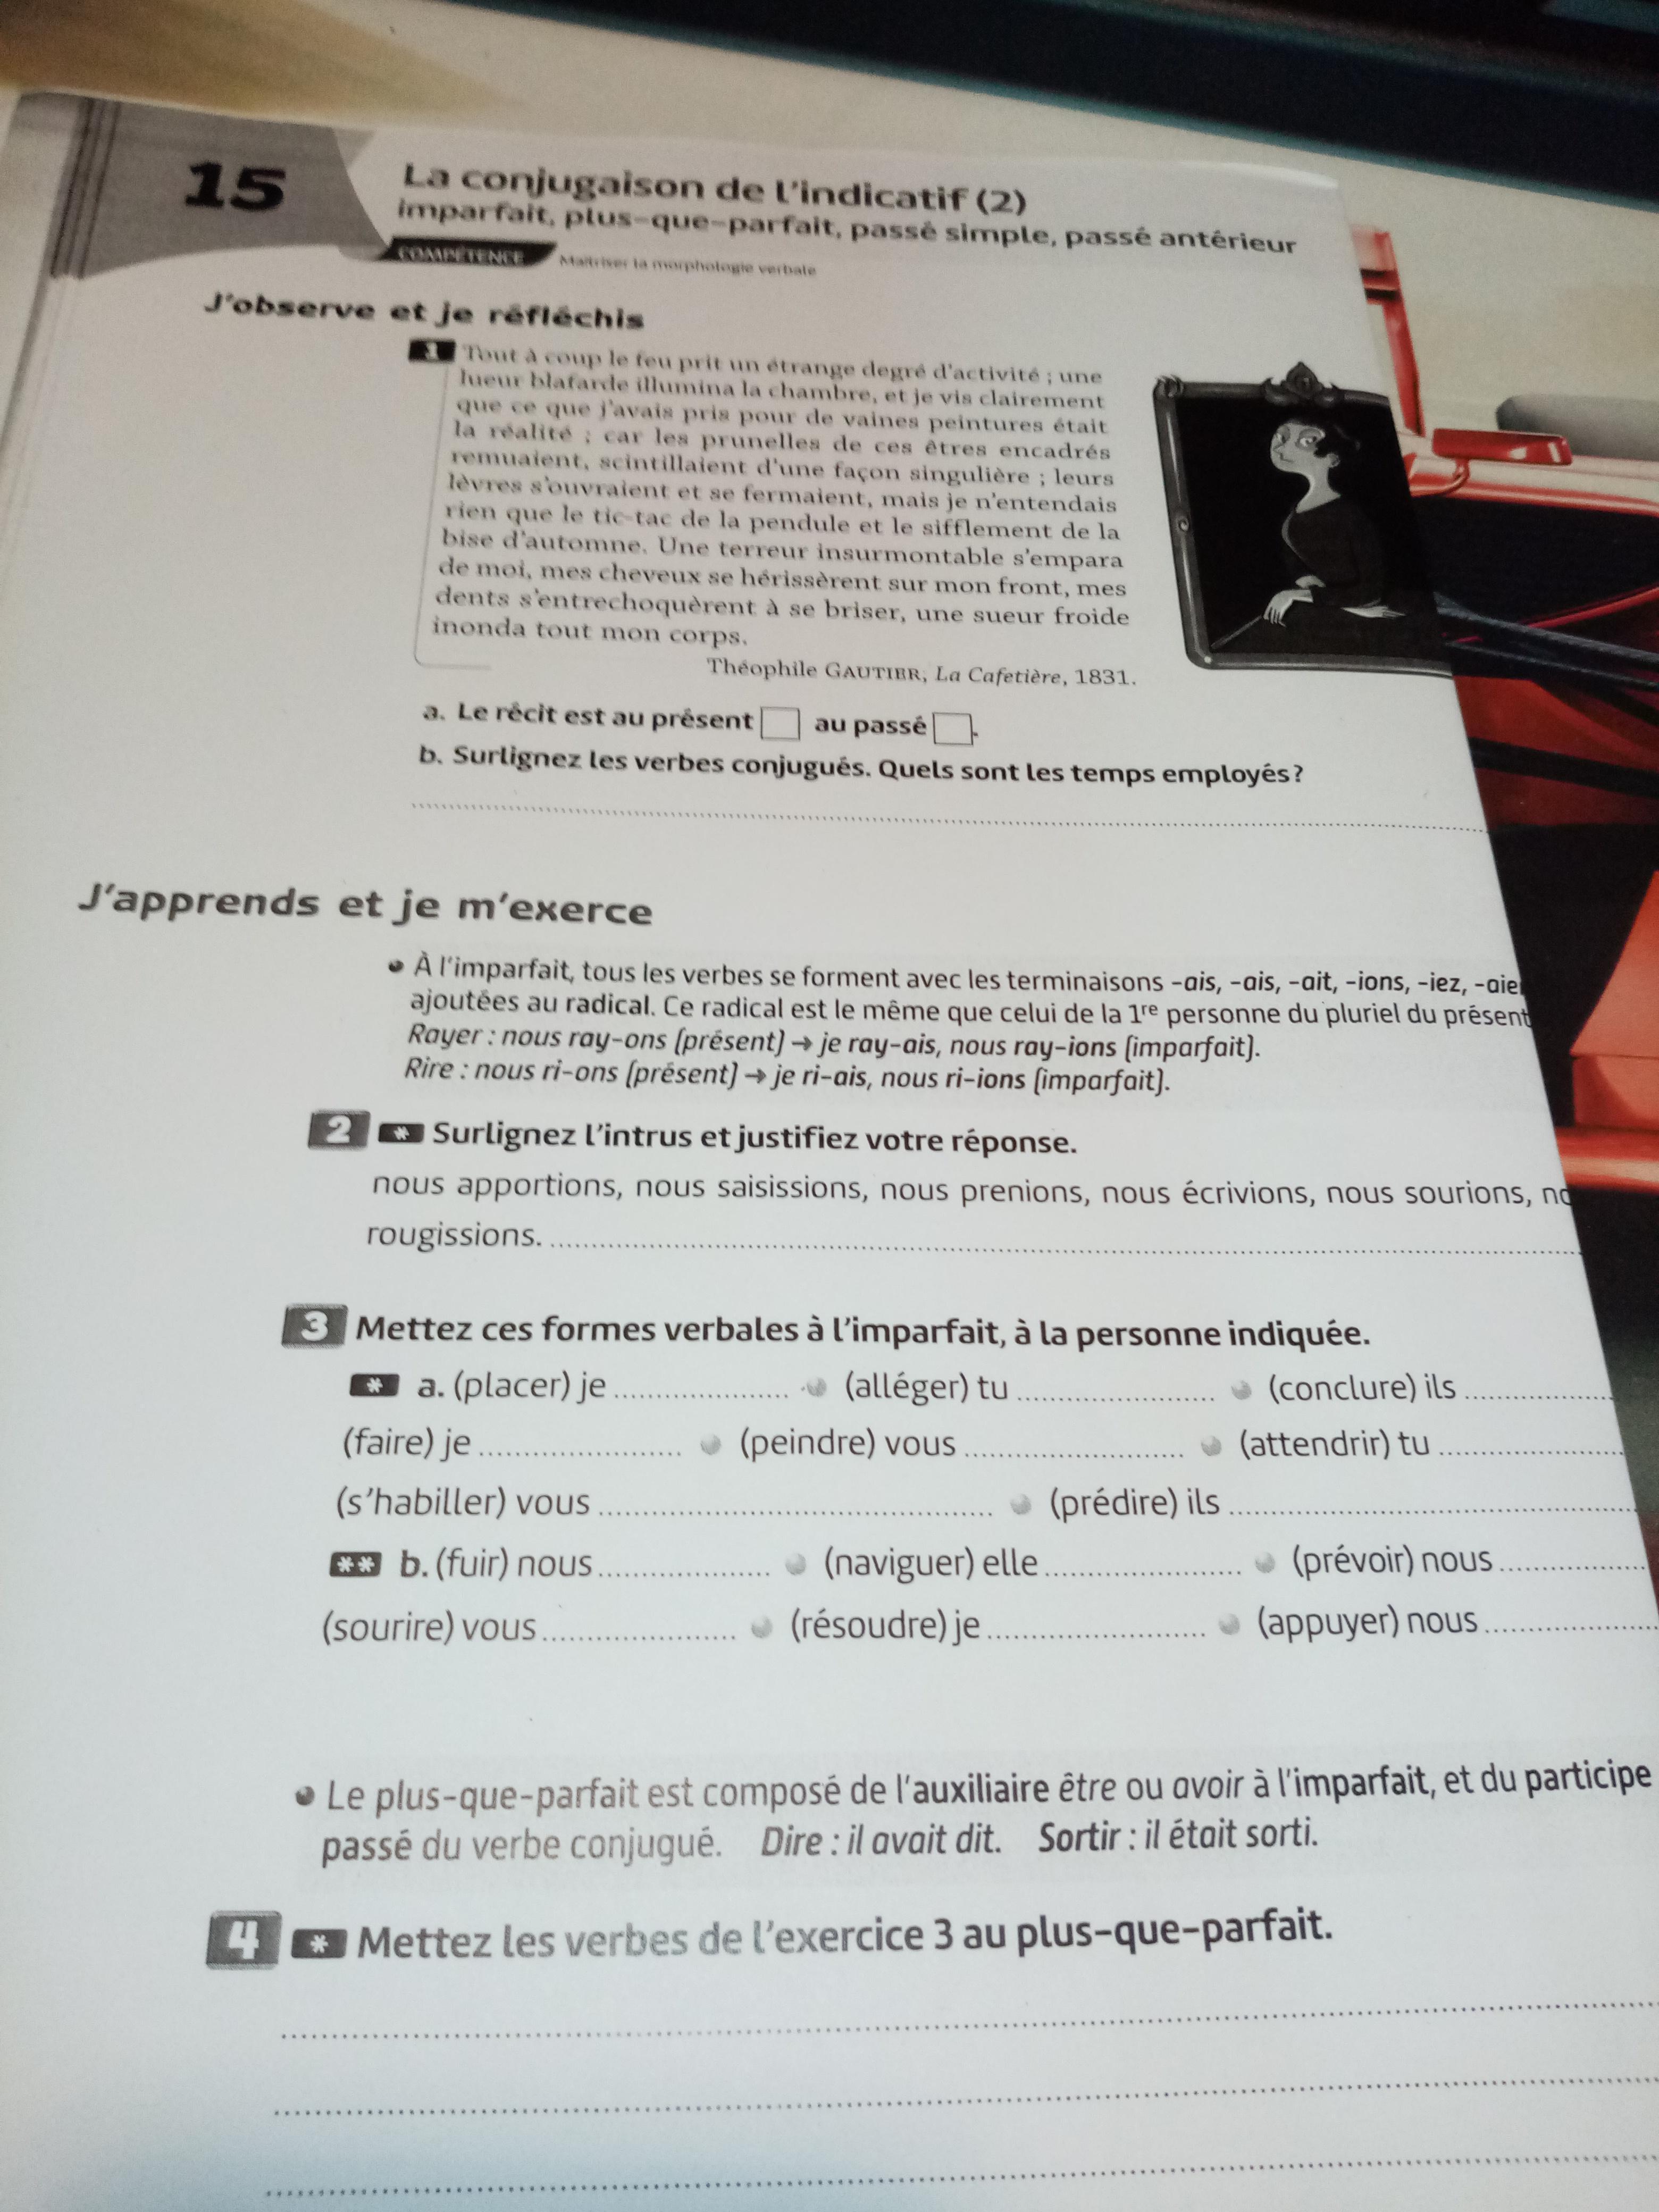 Bonjour Pouvez Vous M Aider Pour Les Exercices De Francais C Est Les Exercices De 1a7 Merci Nosdevoirs Fr